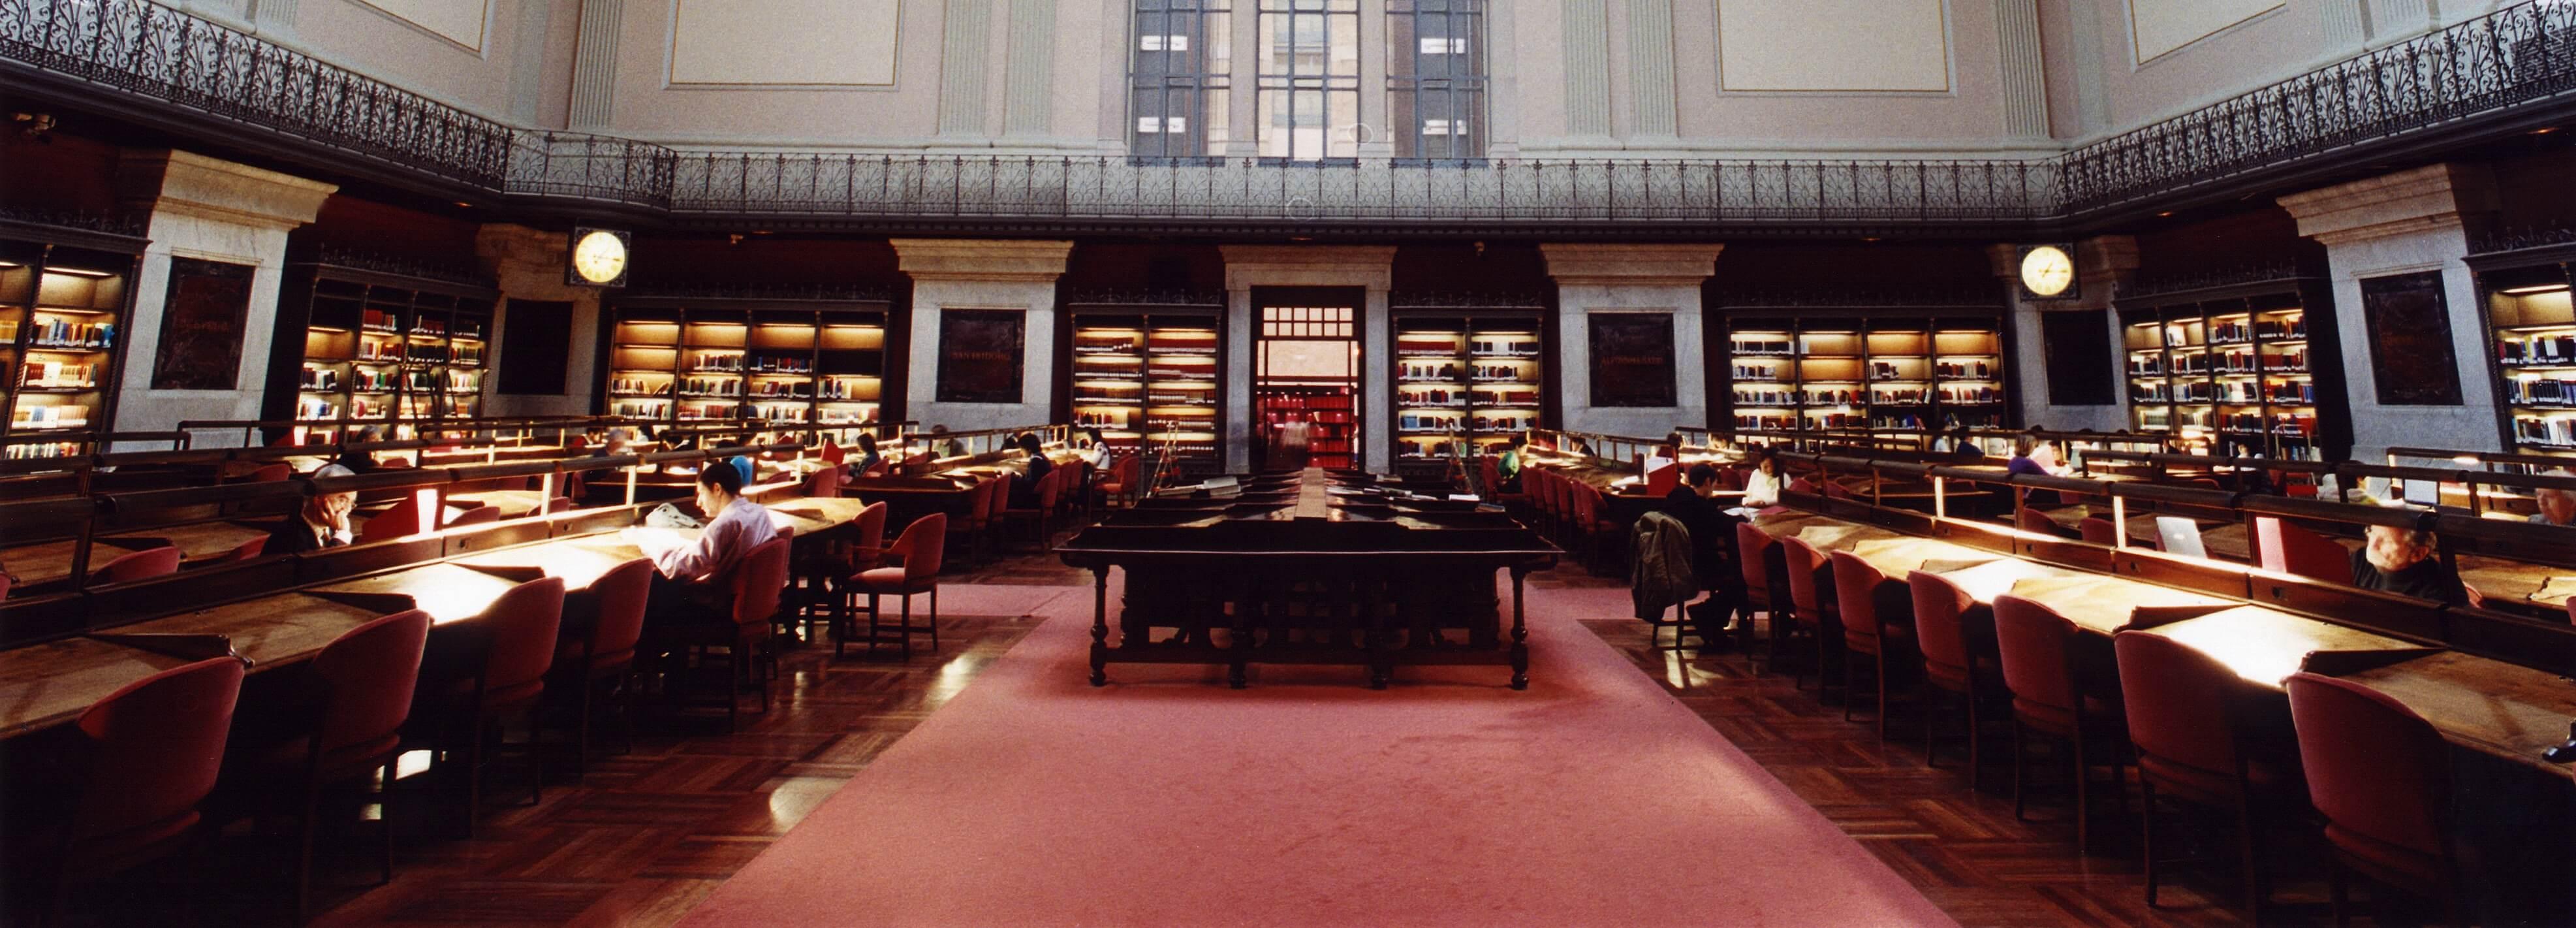 BNEscolar, Biblioteca Nacional Escolar